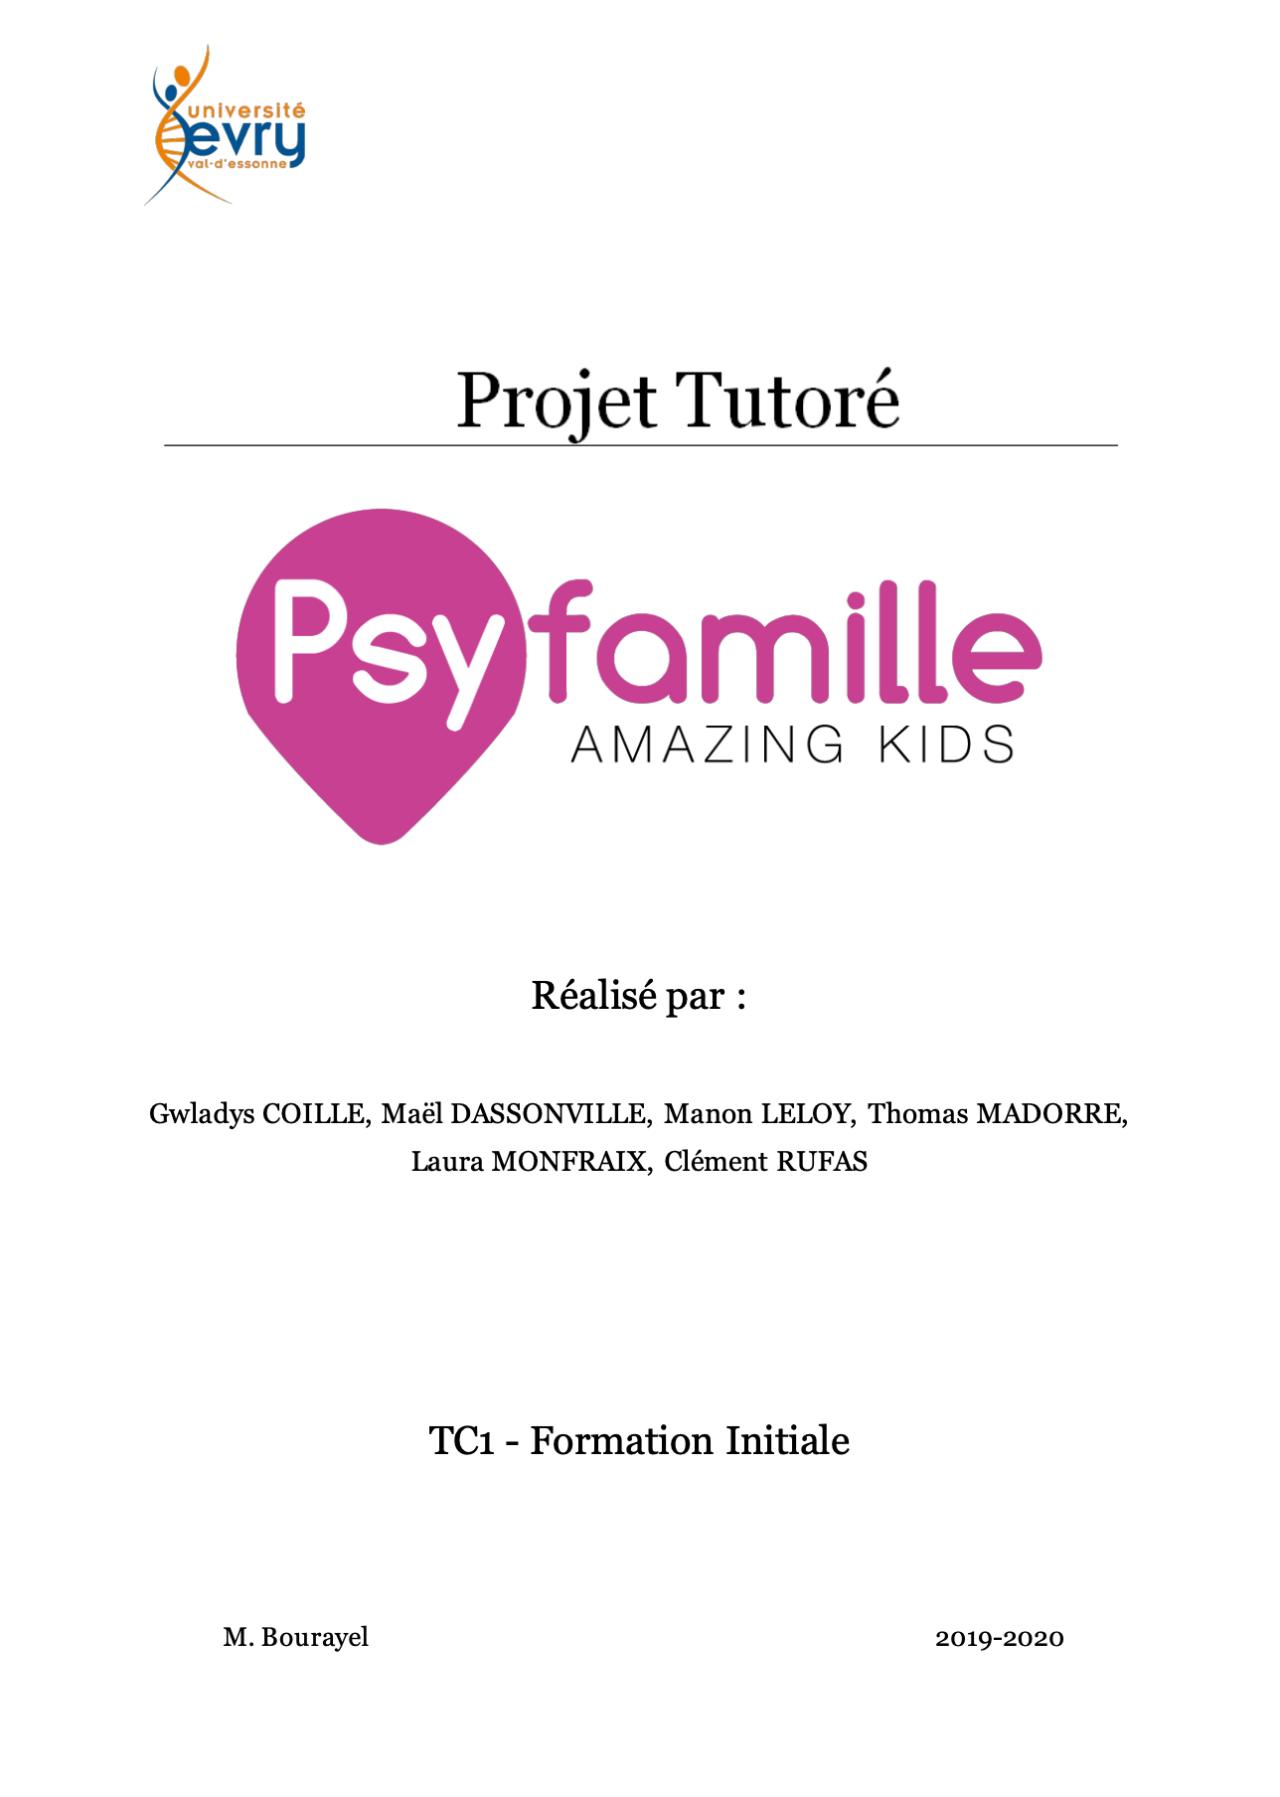 Dossier-projet-tutoré-1-1280x1797.png